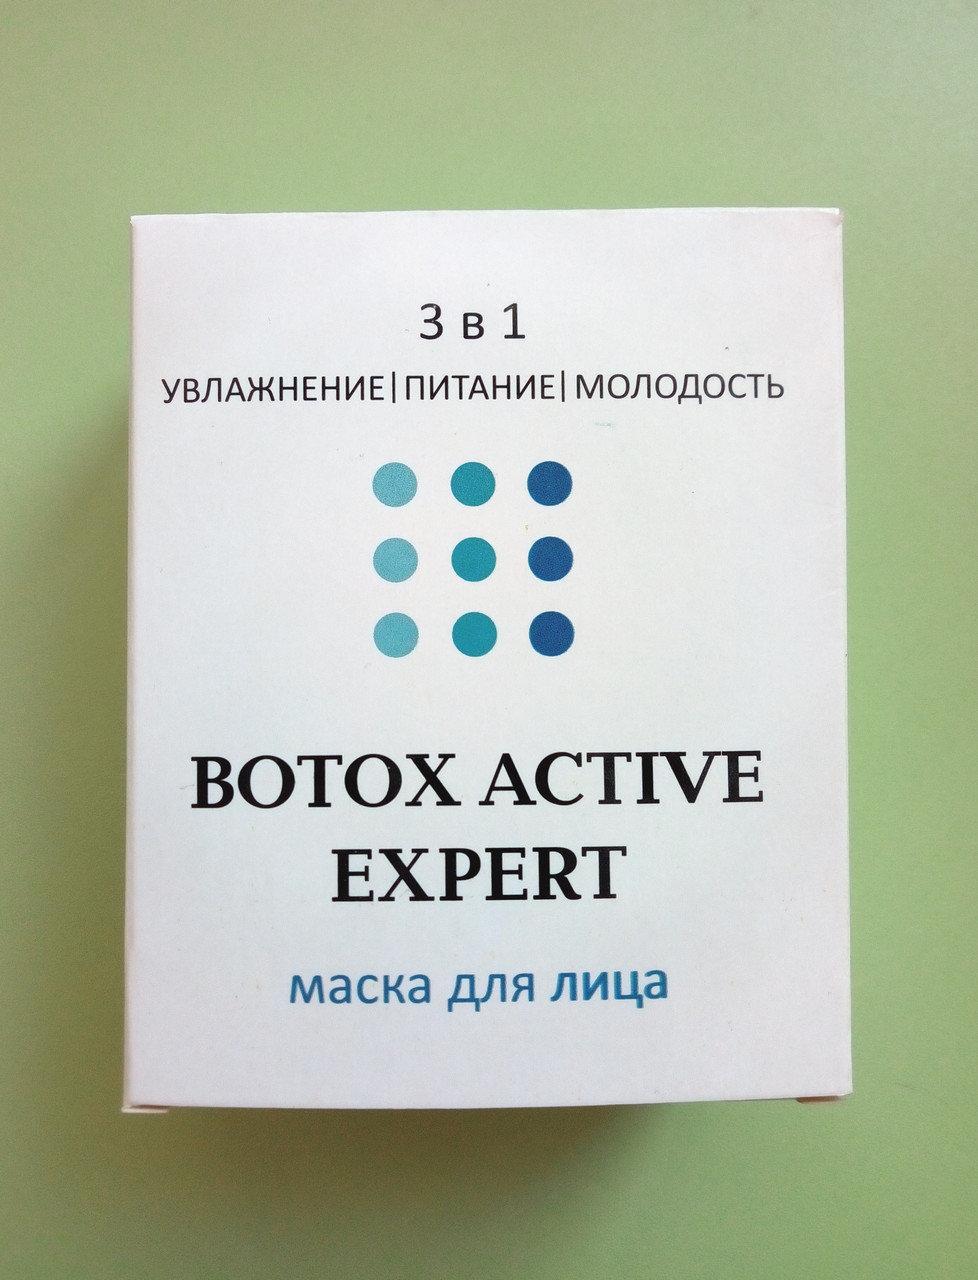 Botox Active Expert - Маска для лица (Ботокс Актив Эксперт)